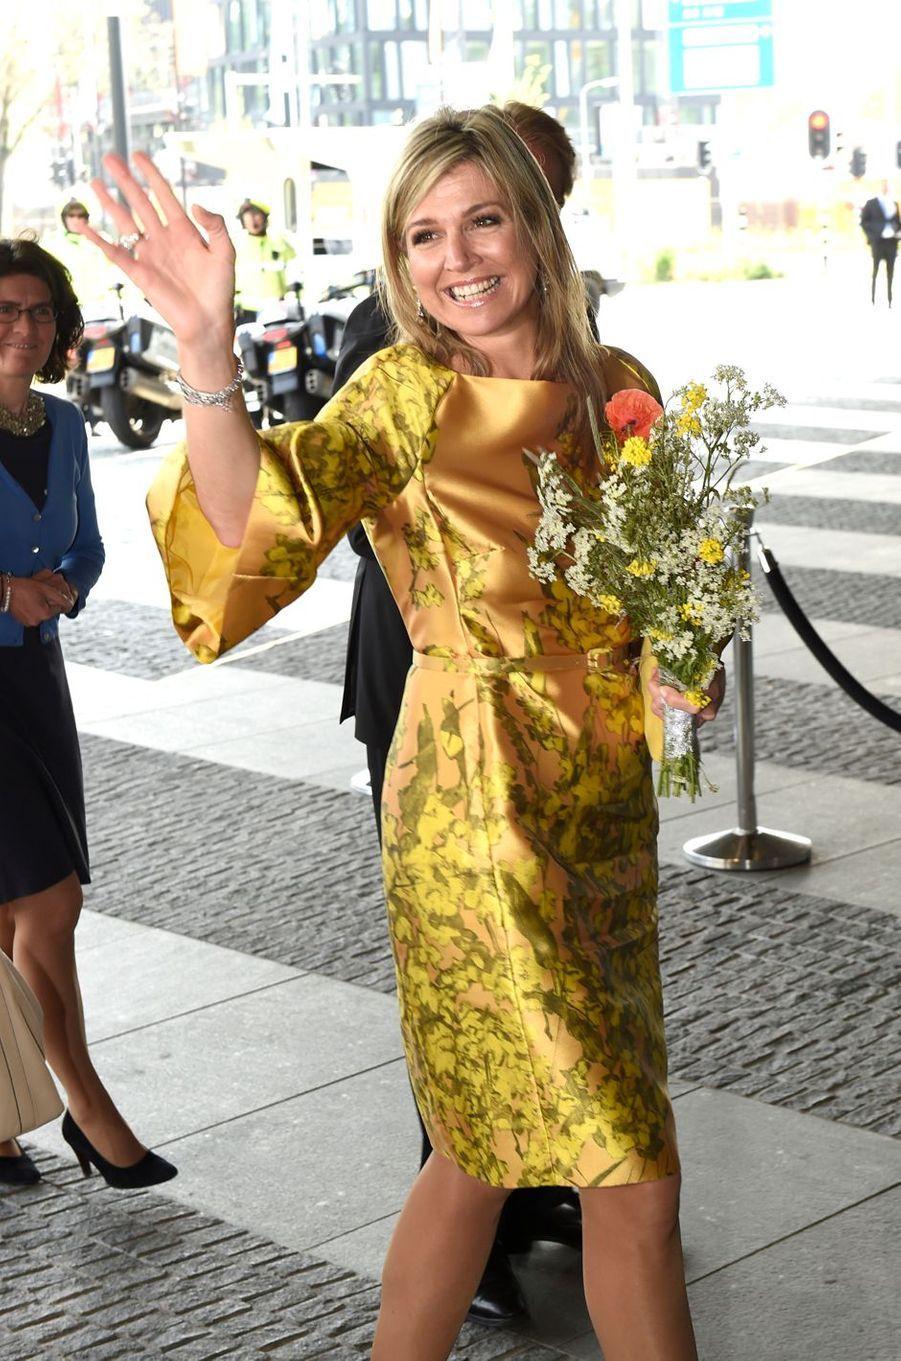 La reine Maxima des Pays-Bas le jour de ses 45 ans, le 17 mai 2016